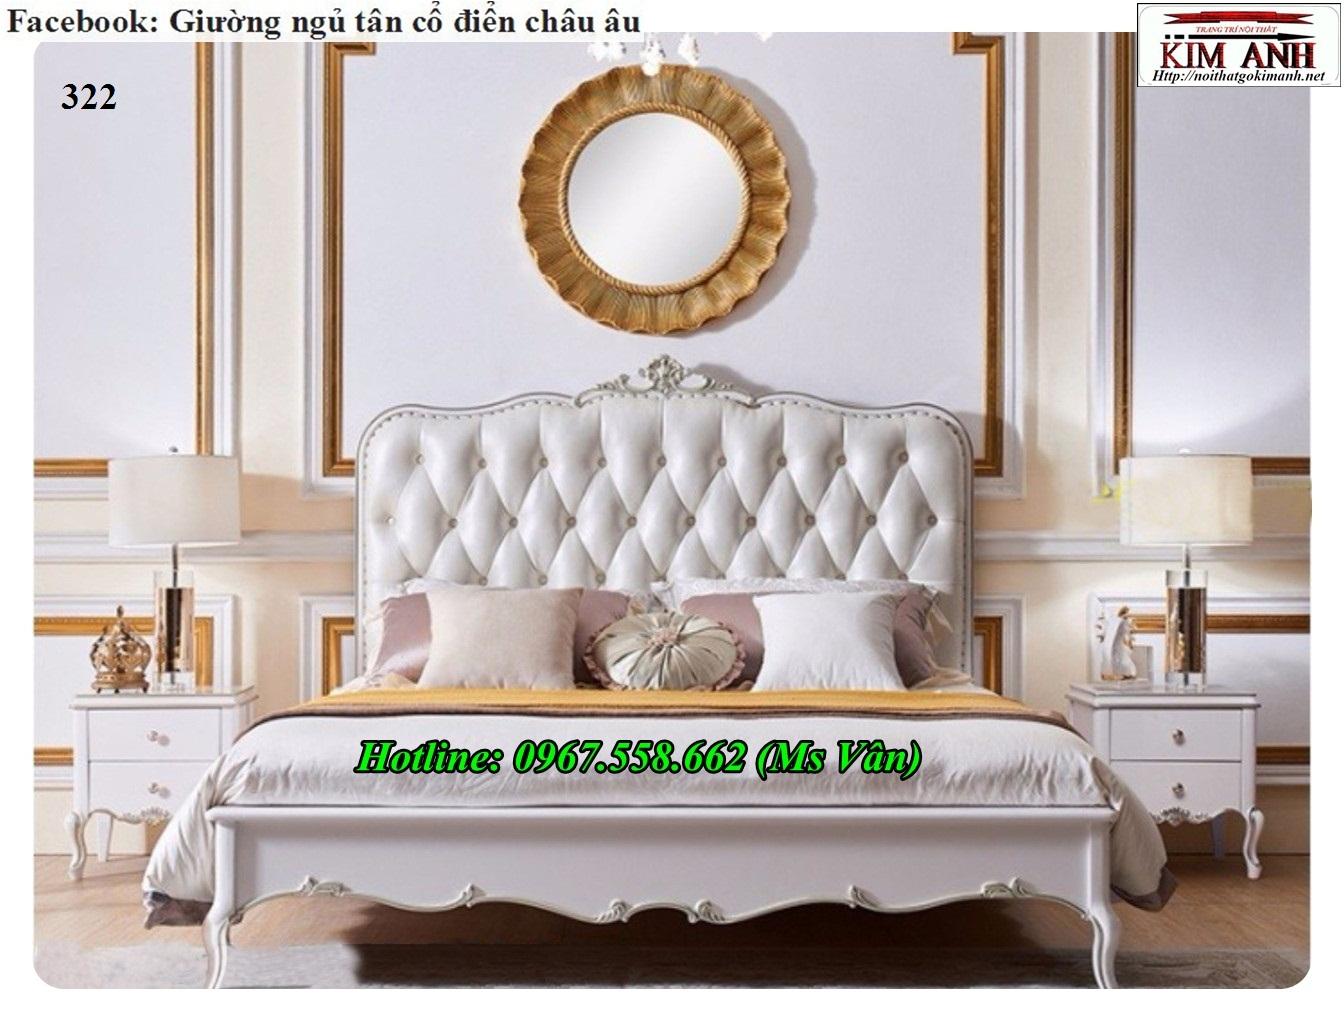 9 Top 20 bộ giường tủ gỗ tự nhiên phong cách tân cổ điển cực xinh